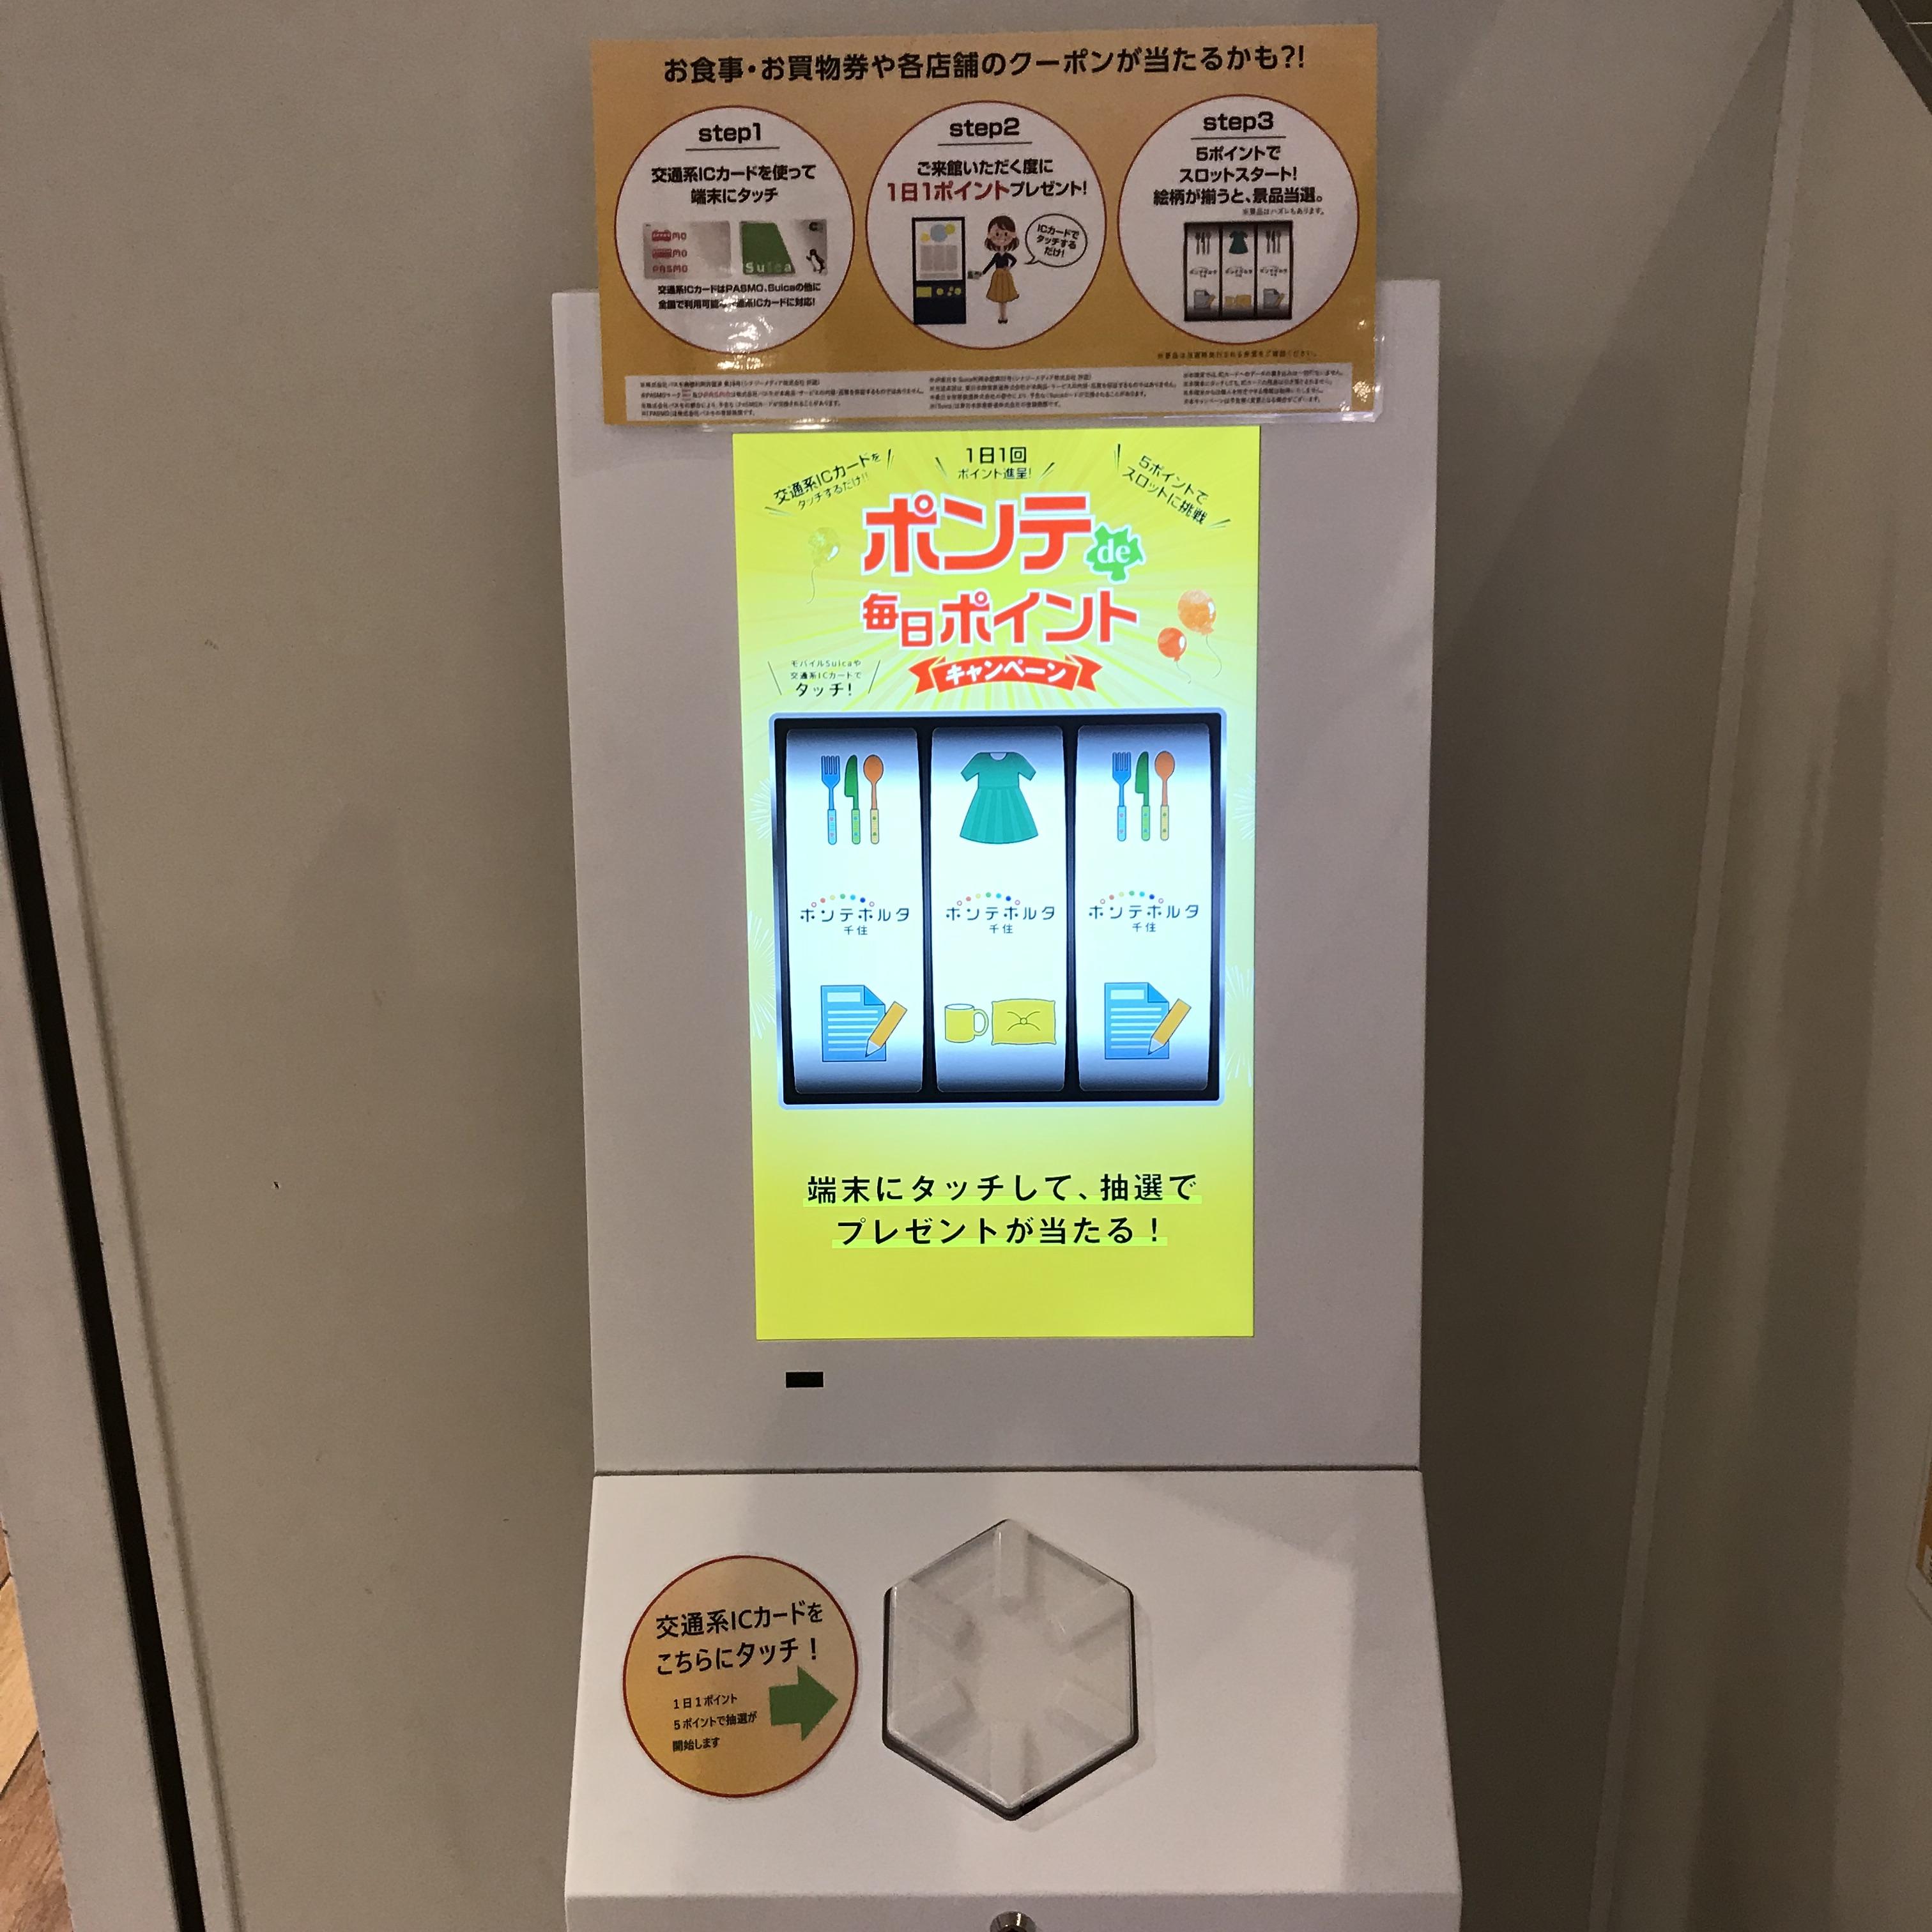 【キャンペーン】2019年4月25日(木)〜「ポンテde毎日ポイントキャンペーン」 \毎日タッチでおトクをゲットできるかも?!/